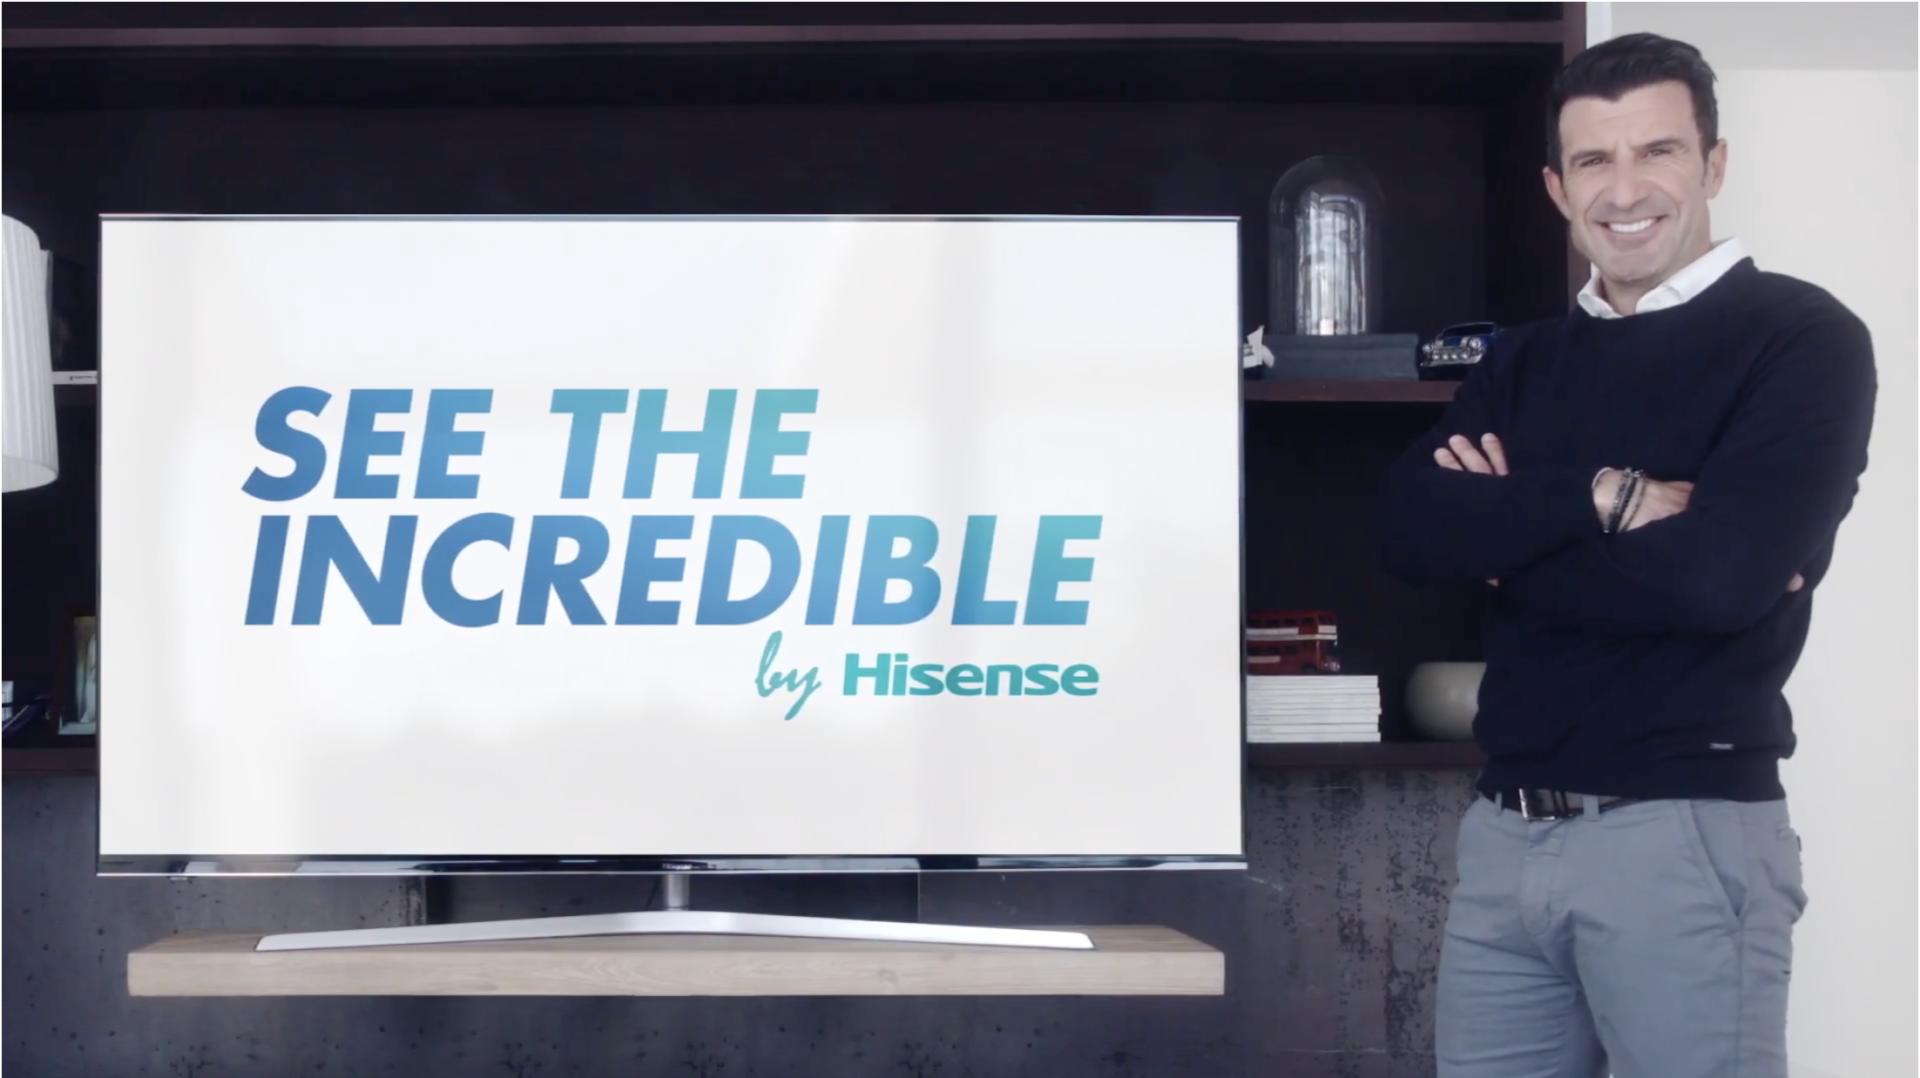 Imagen del spot realizado por Hisense y protagonizado por Figo